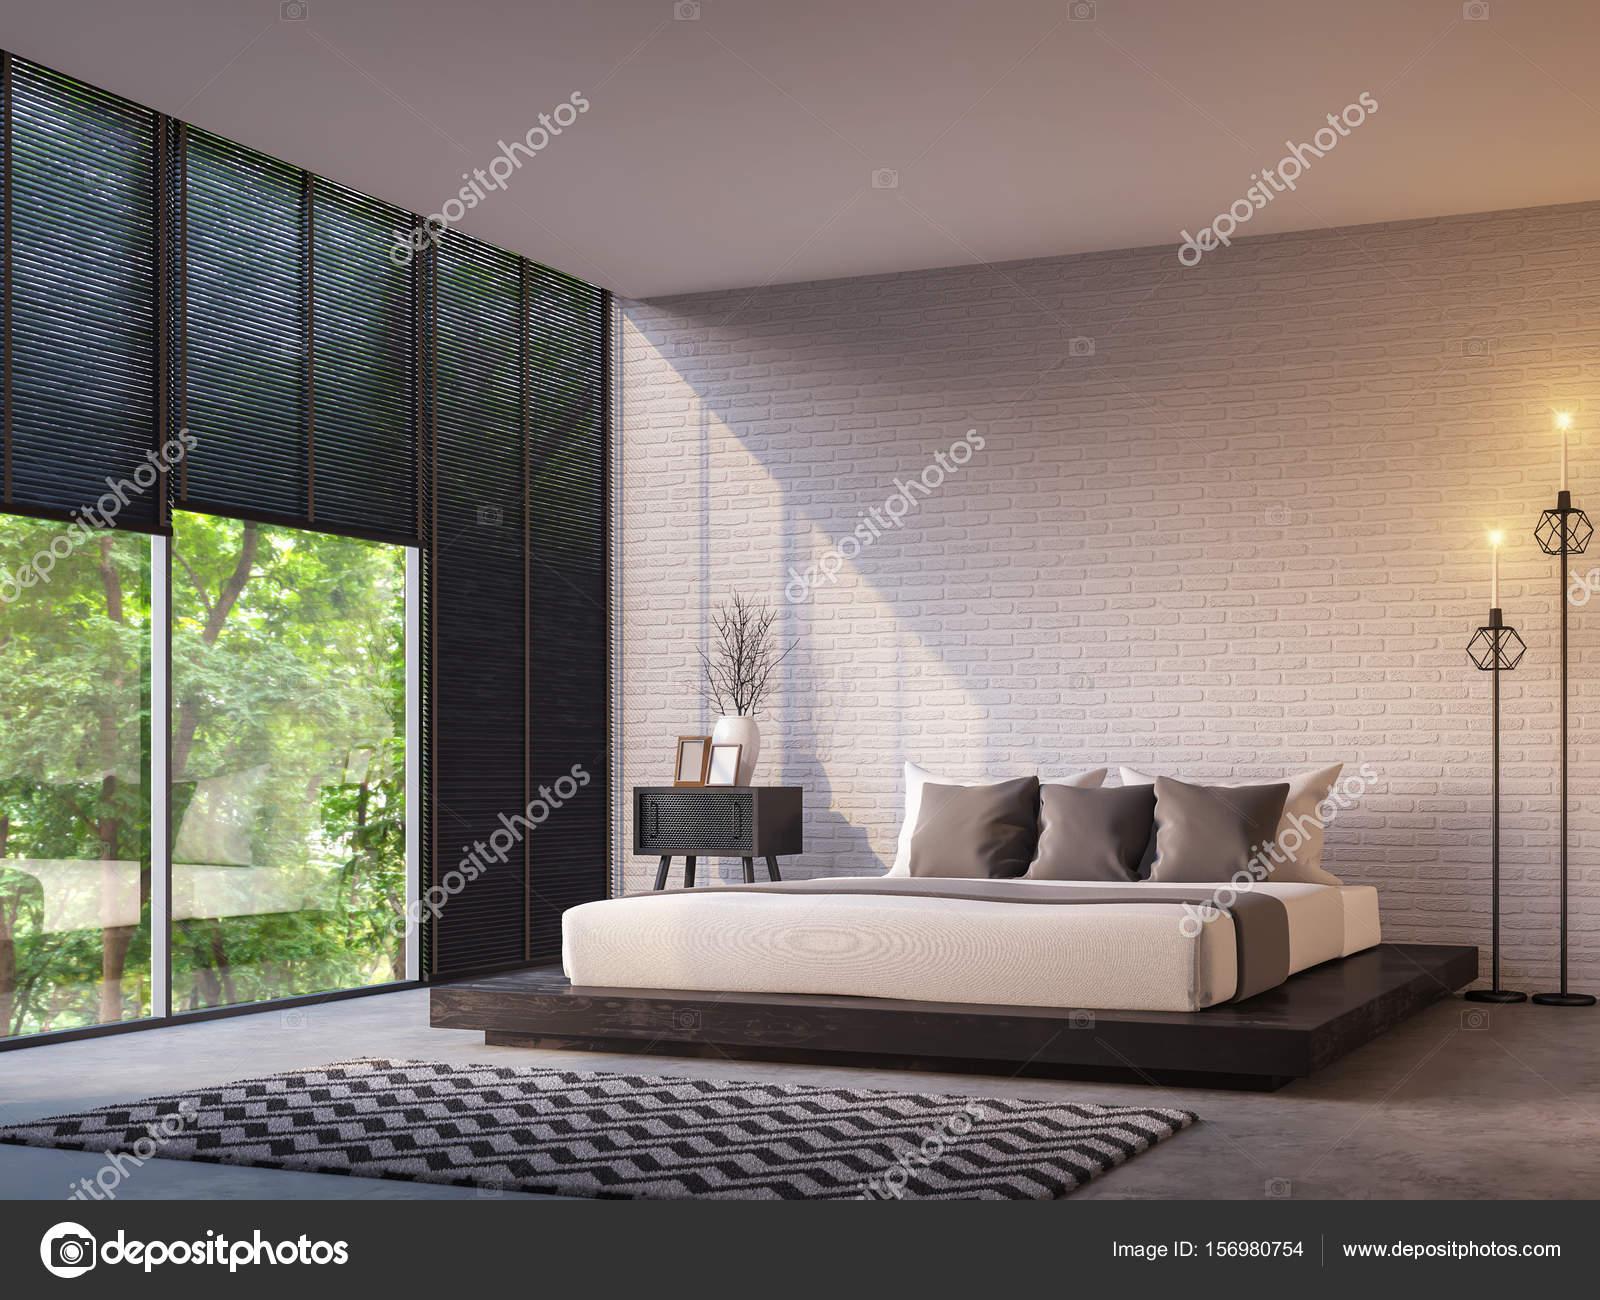 chambre loft moderne avec l'image de rendu 3d de la vue nature